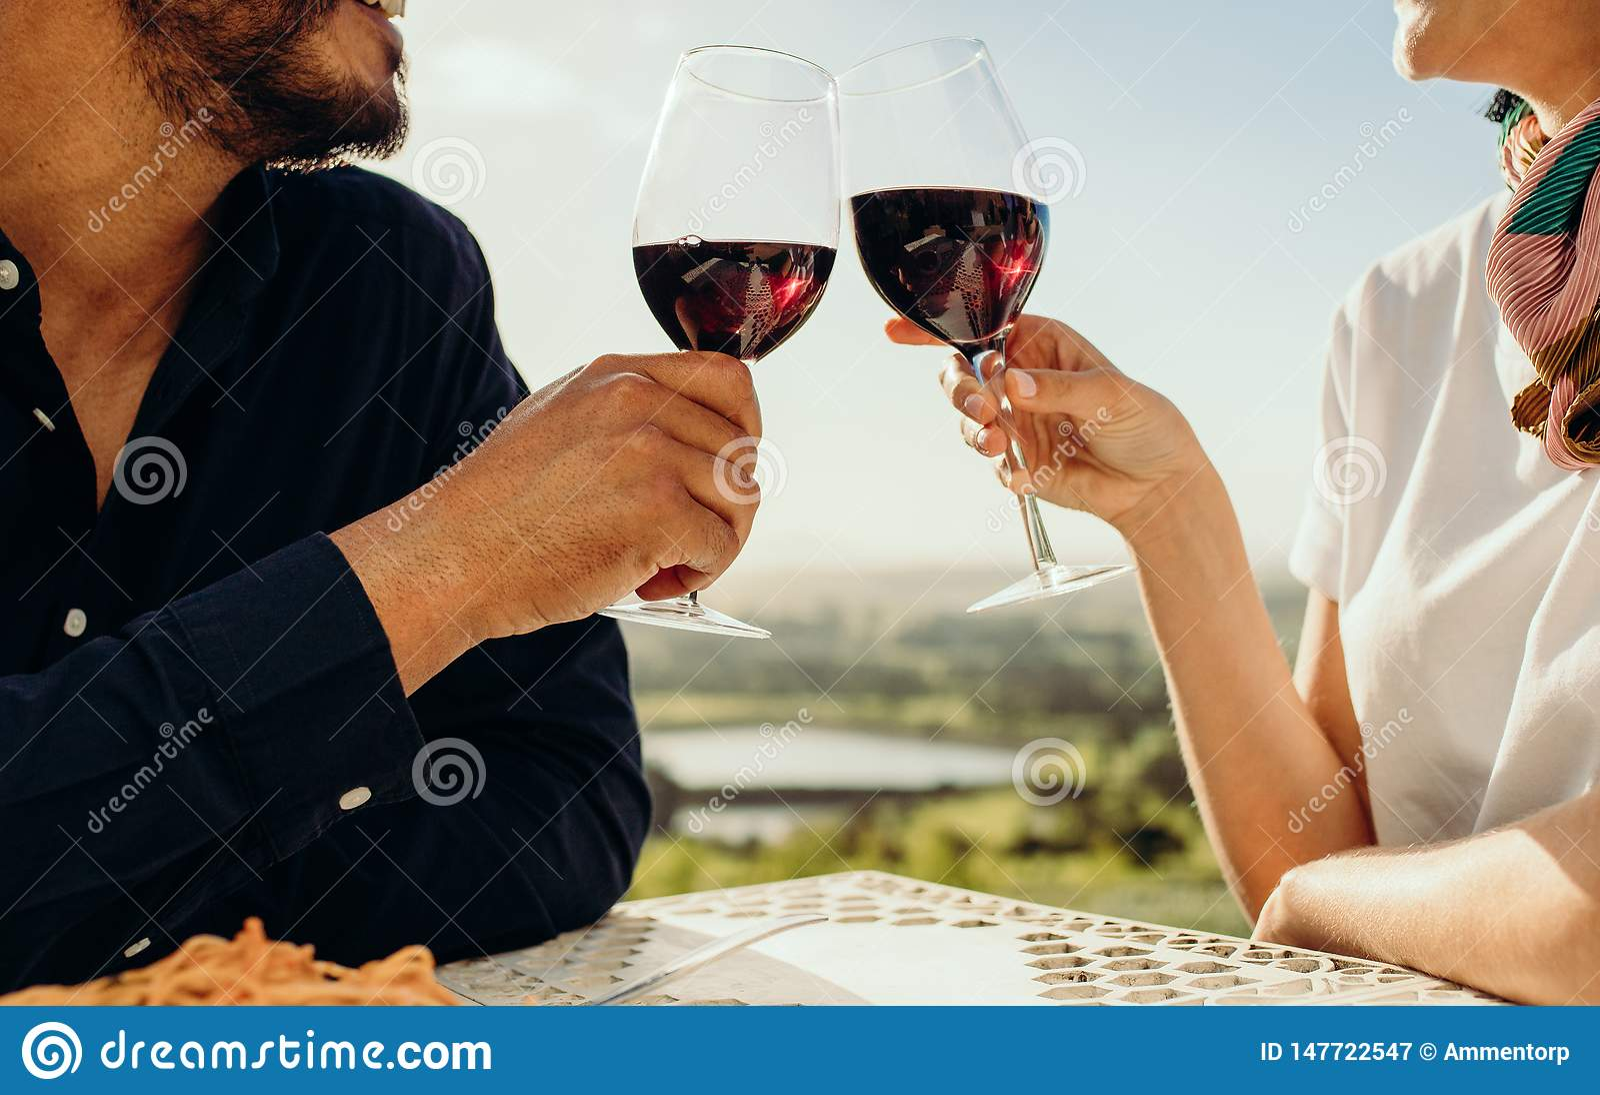 Schließen Sie oben von einem Paar, das Wein röstet